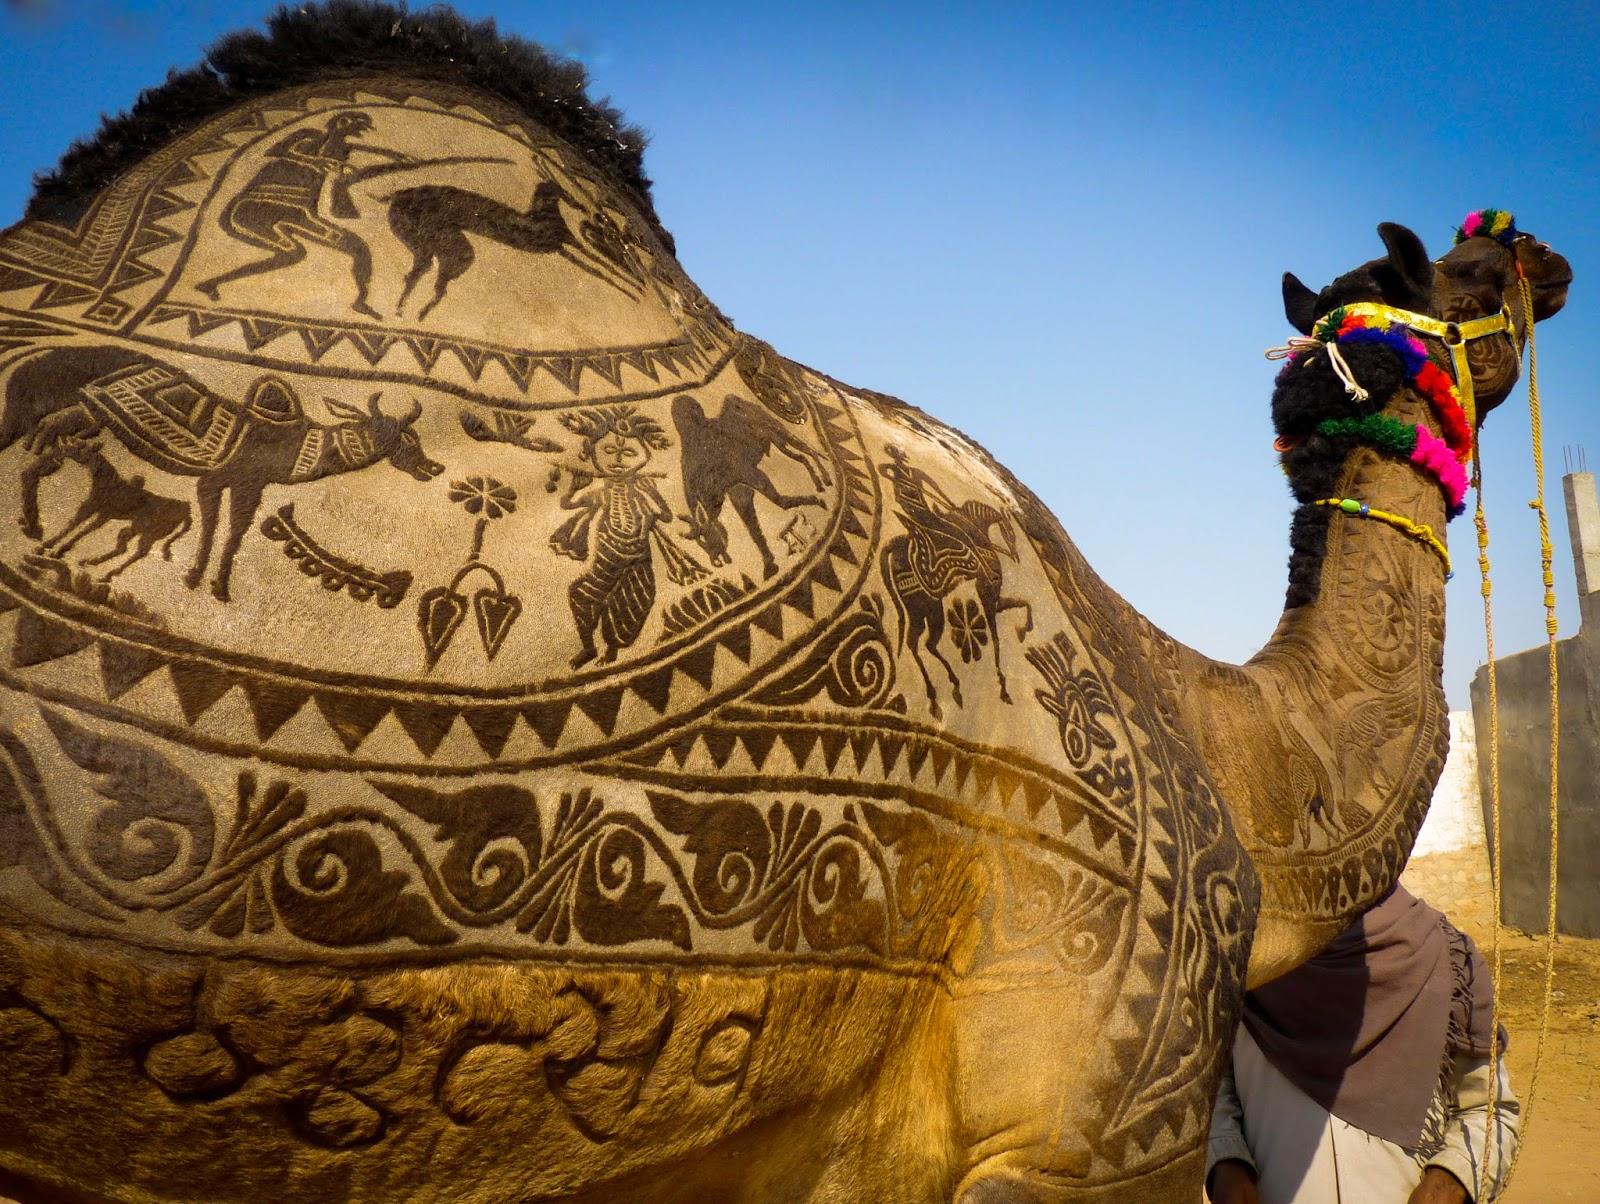 nagaur fair, shaved camel